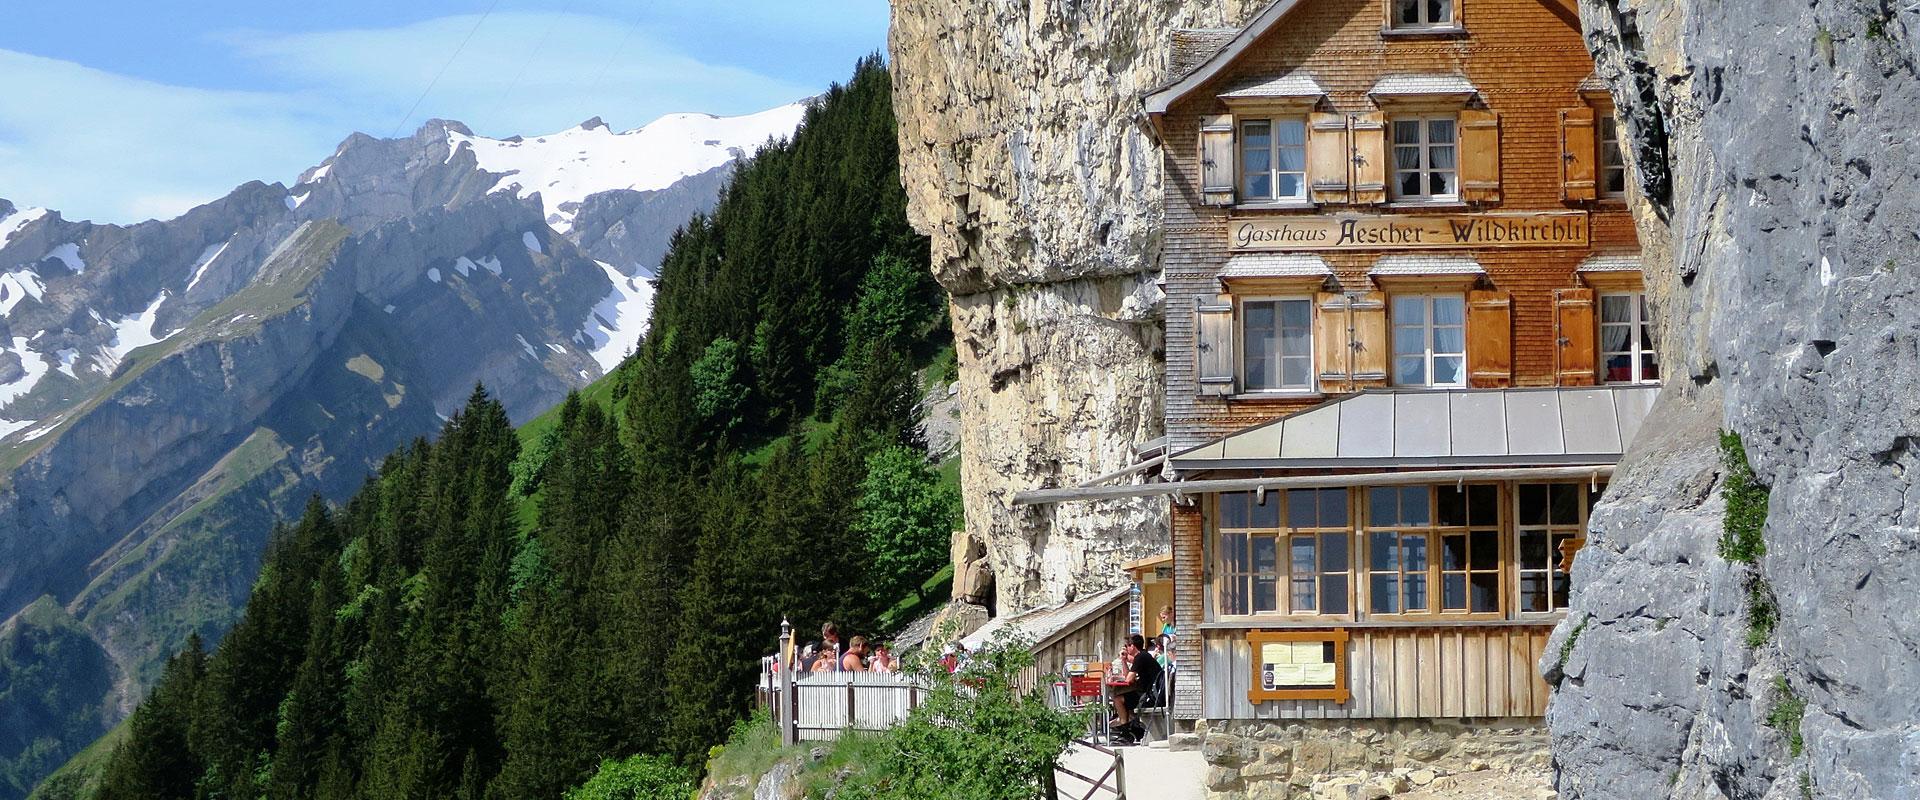 Berggasthaus Aescher-Wildkirchli im Kanton Appenzell-Innerrhoden